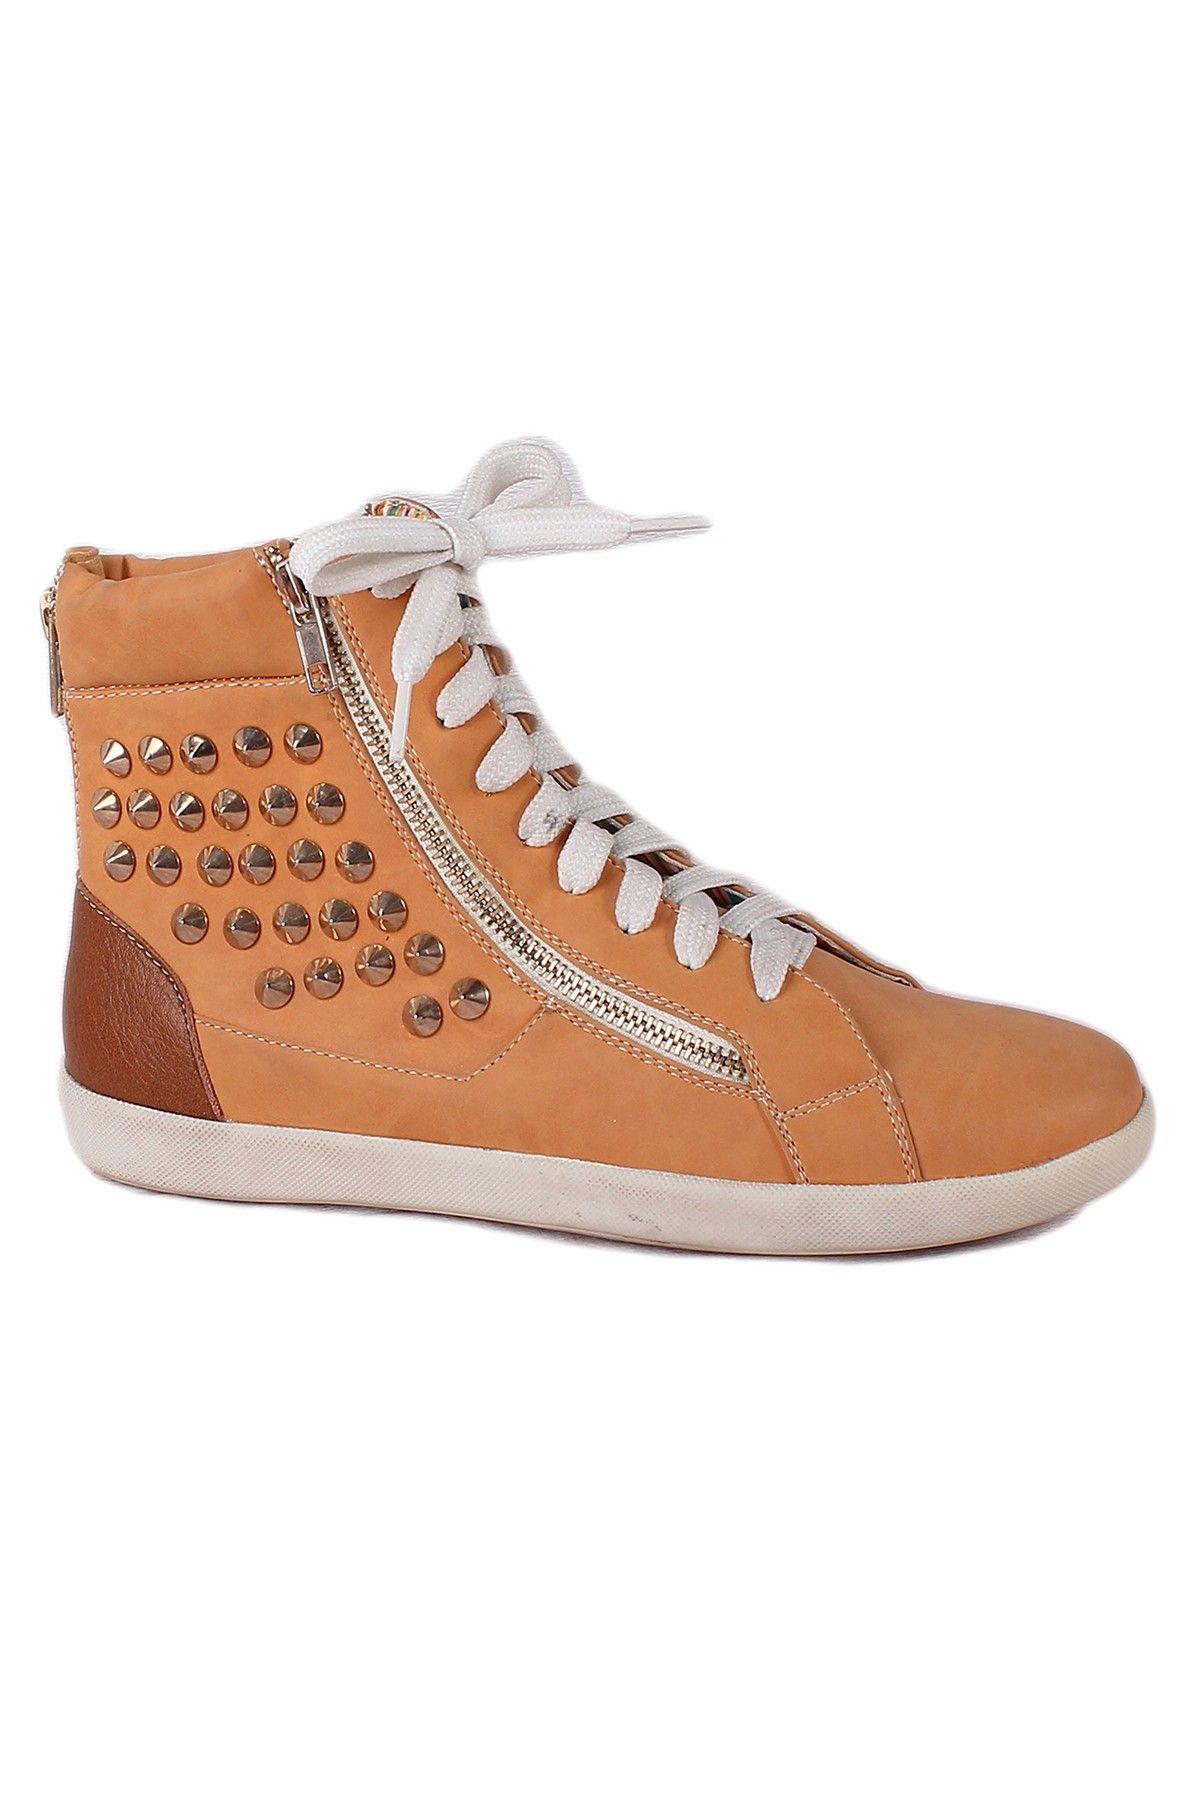 Pin de Maria Jimenez en Zapatos que ya sé que no encontraré